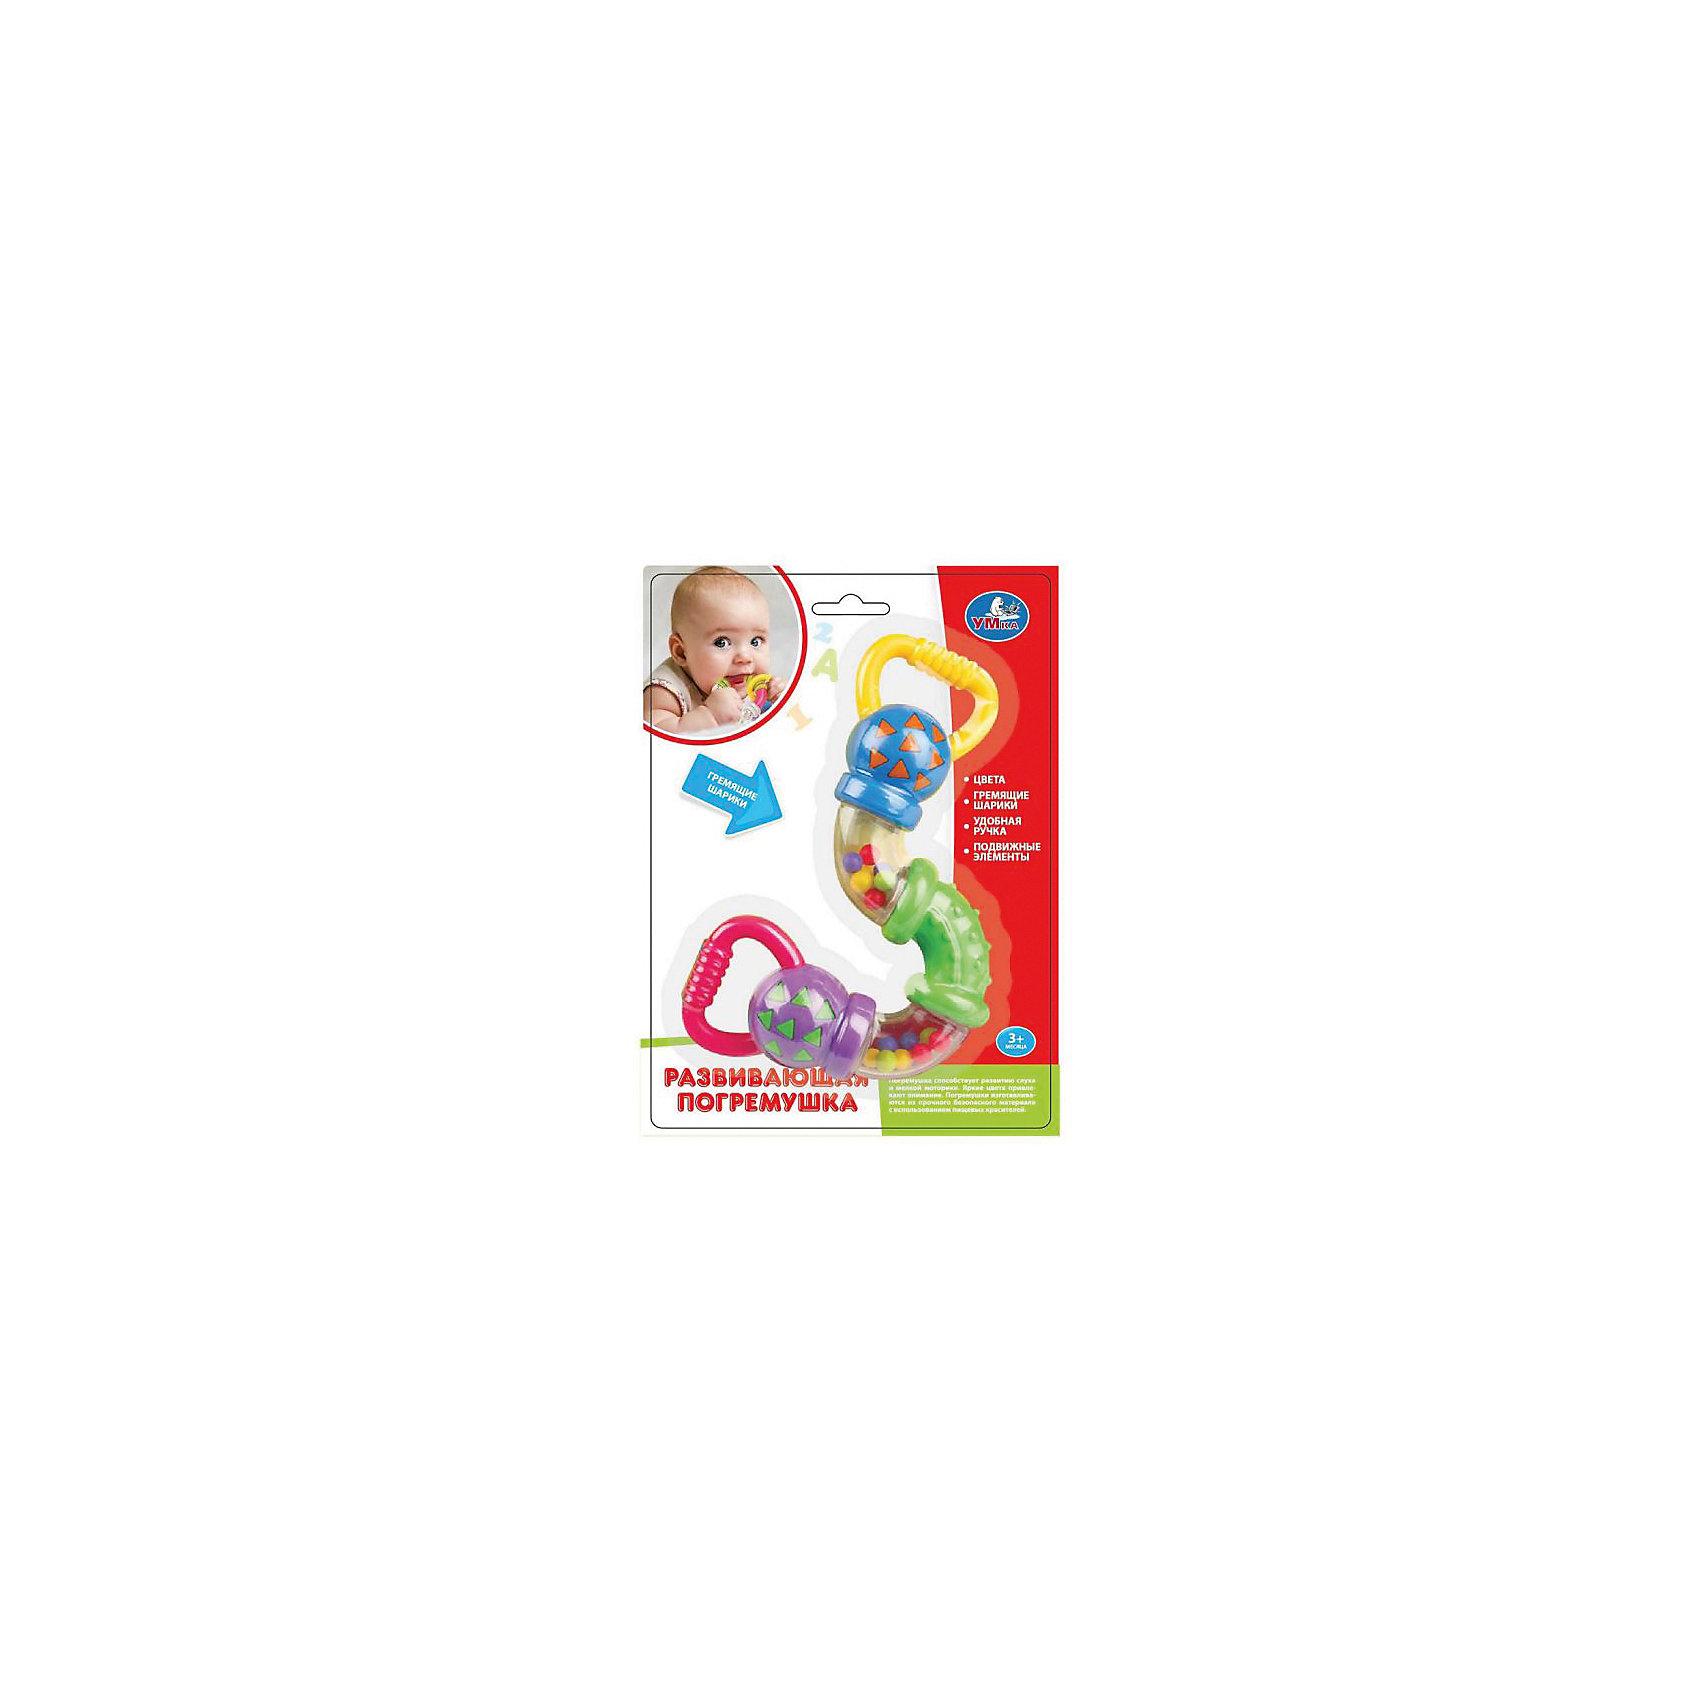 Погремушка вращающаяся, УмкаПогремушки<br>Игрушки могут не только развлекать малыша, но и помогать его всестороннему развитию. Эта игрушка поможет формированию разных навыков, он помогает развить тактильное восприятие, цветовосприятие, воображение и мелкую моторику.<br>Изделие представляет собой игрушку, которую можно вращать и греметь ею. С её помощью ребенок сможет надолго занять себя! Изделие произведено из качественных материалов, безопасных для ребенка.<br><br>Дополнительная информация:<br><br>цвет: разноцветный;<br>материал: пластик;<br>размер упаковки: 50 x 210 x 150 мм.<br><br>Погремушку вращающуюся от бренда Умка можно купить в нашем магазине.<br><br>Ширина мм: 50<br>Глубина мм: 210<br>Высота мм: 150<br>Вес г: 130<br>Возраст от месяцев: 36<br>Возраст до месяцев: 2147483647<br>Пол: Унисекс<br>Возраст: Детский<br>SKU: 5002255